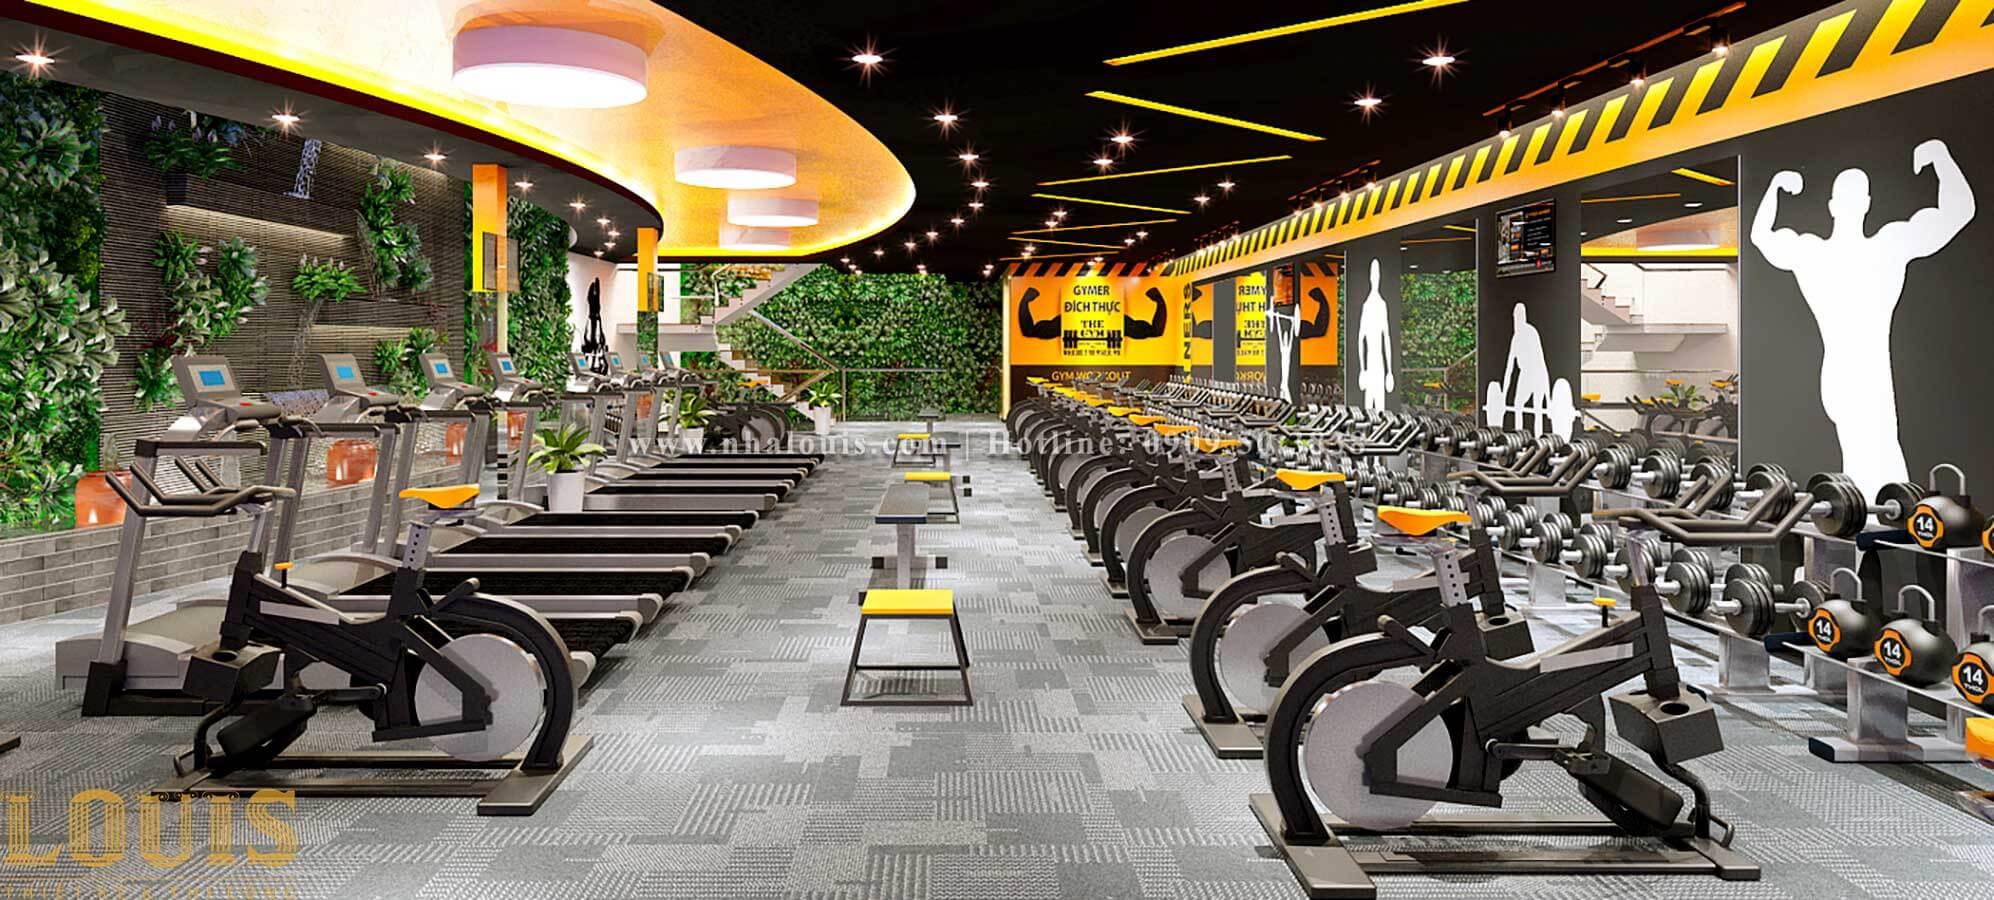 Thiết kế phòng gym hiện đại với quy mô khủng tại Quận 9 - 08